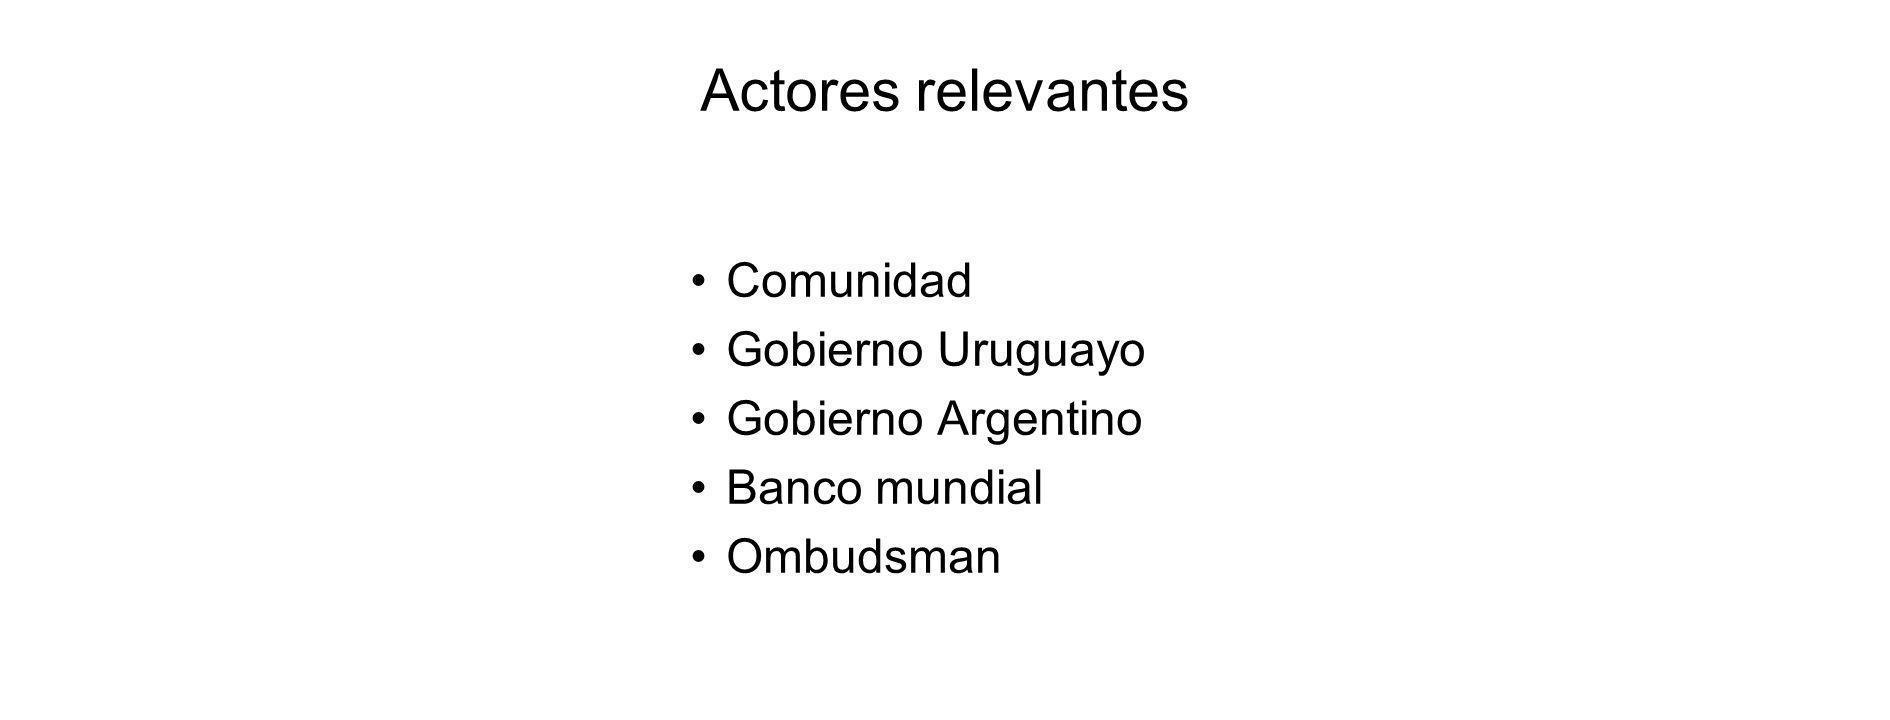 Actores relevantes Comunidad Gobierno Uruguayo Gobierno Argentino Banco mundial Ombudsman